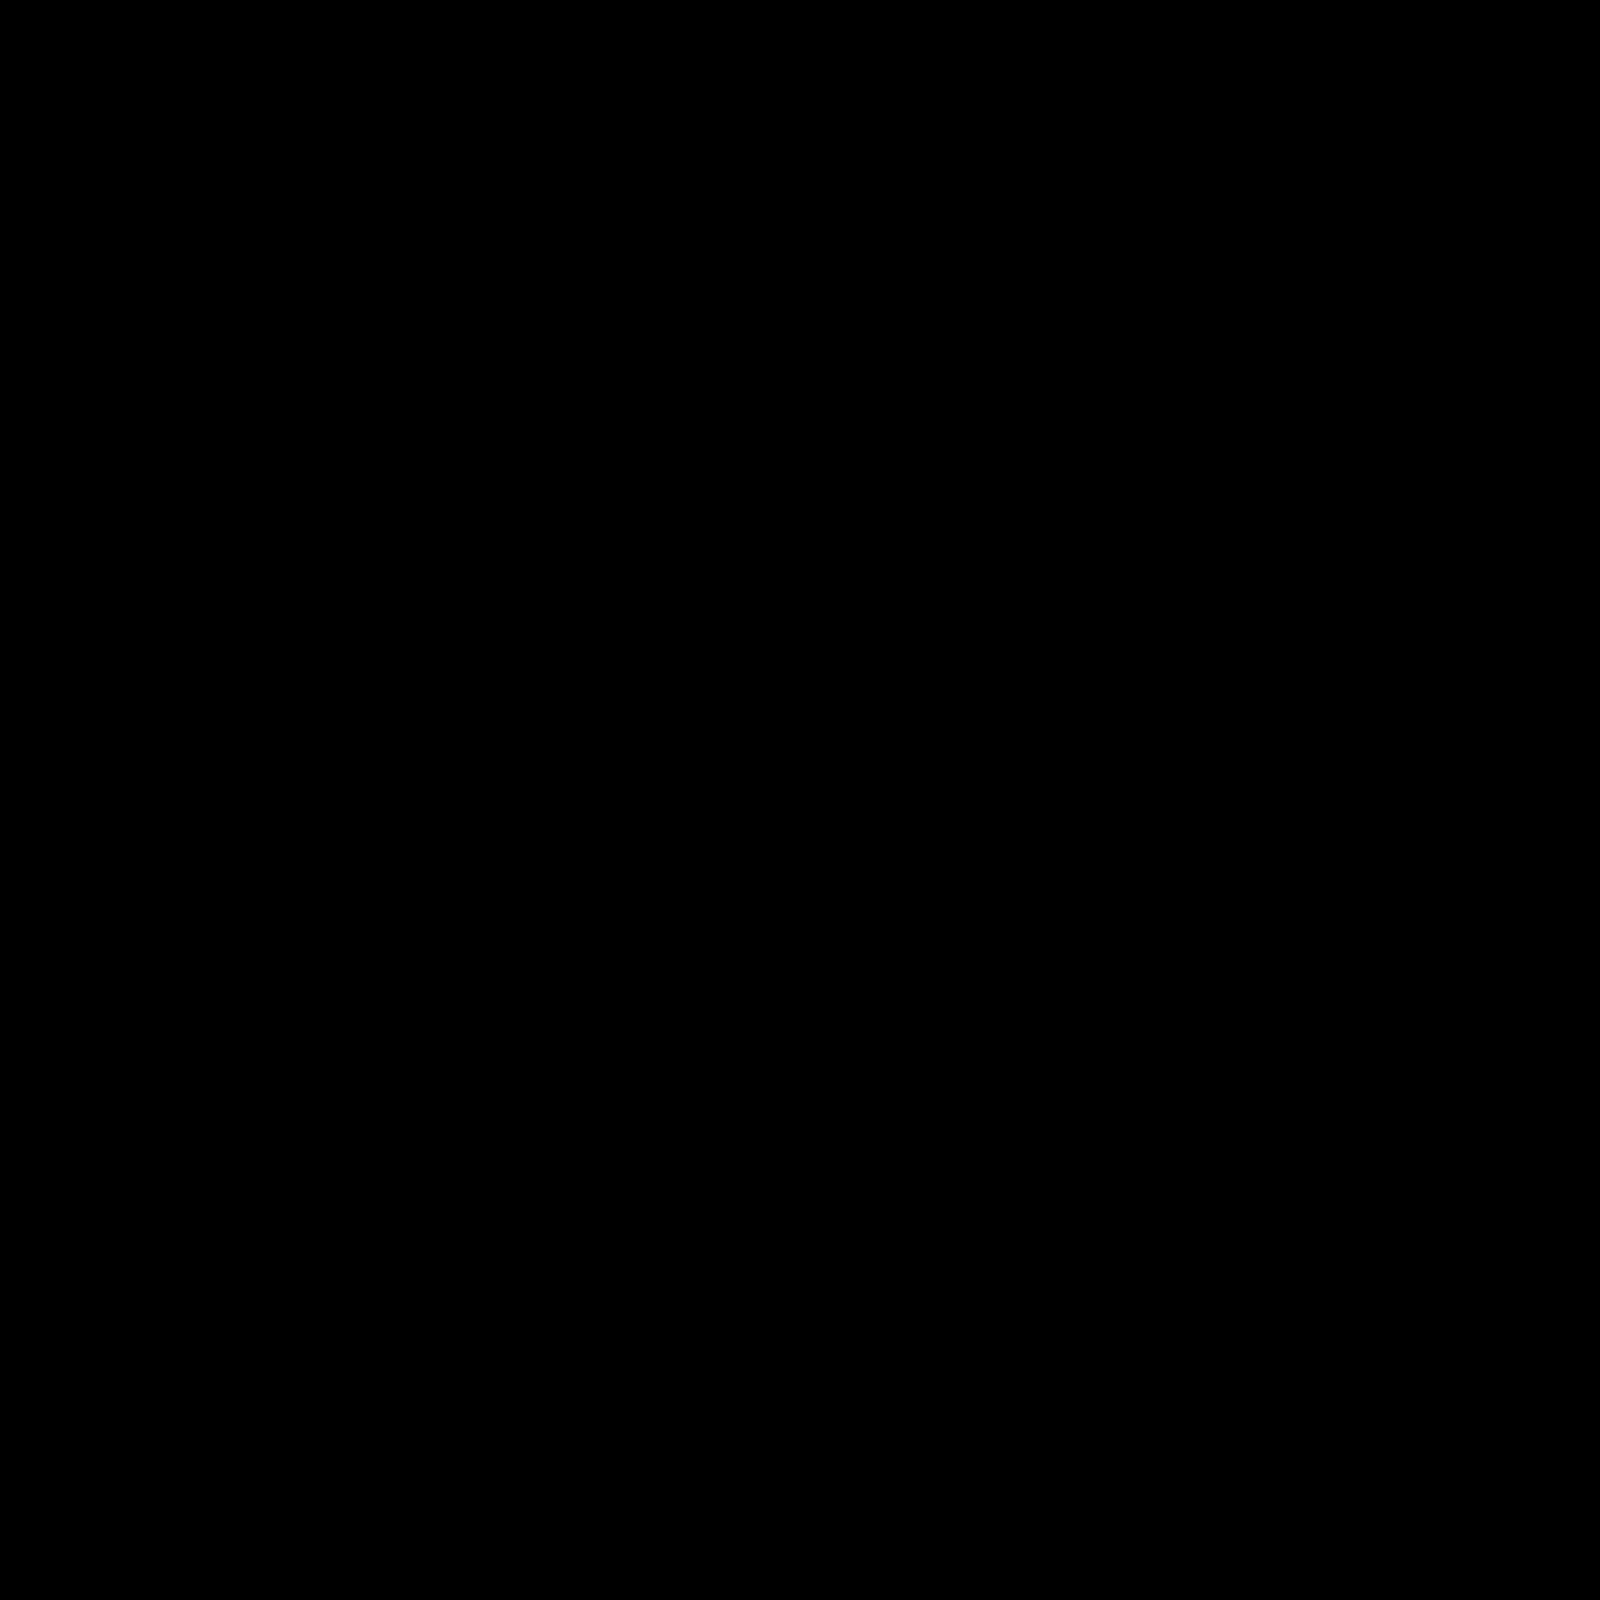 Healing mandala coloring pages - Healing Mandala Coloring Pages 5